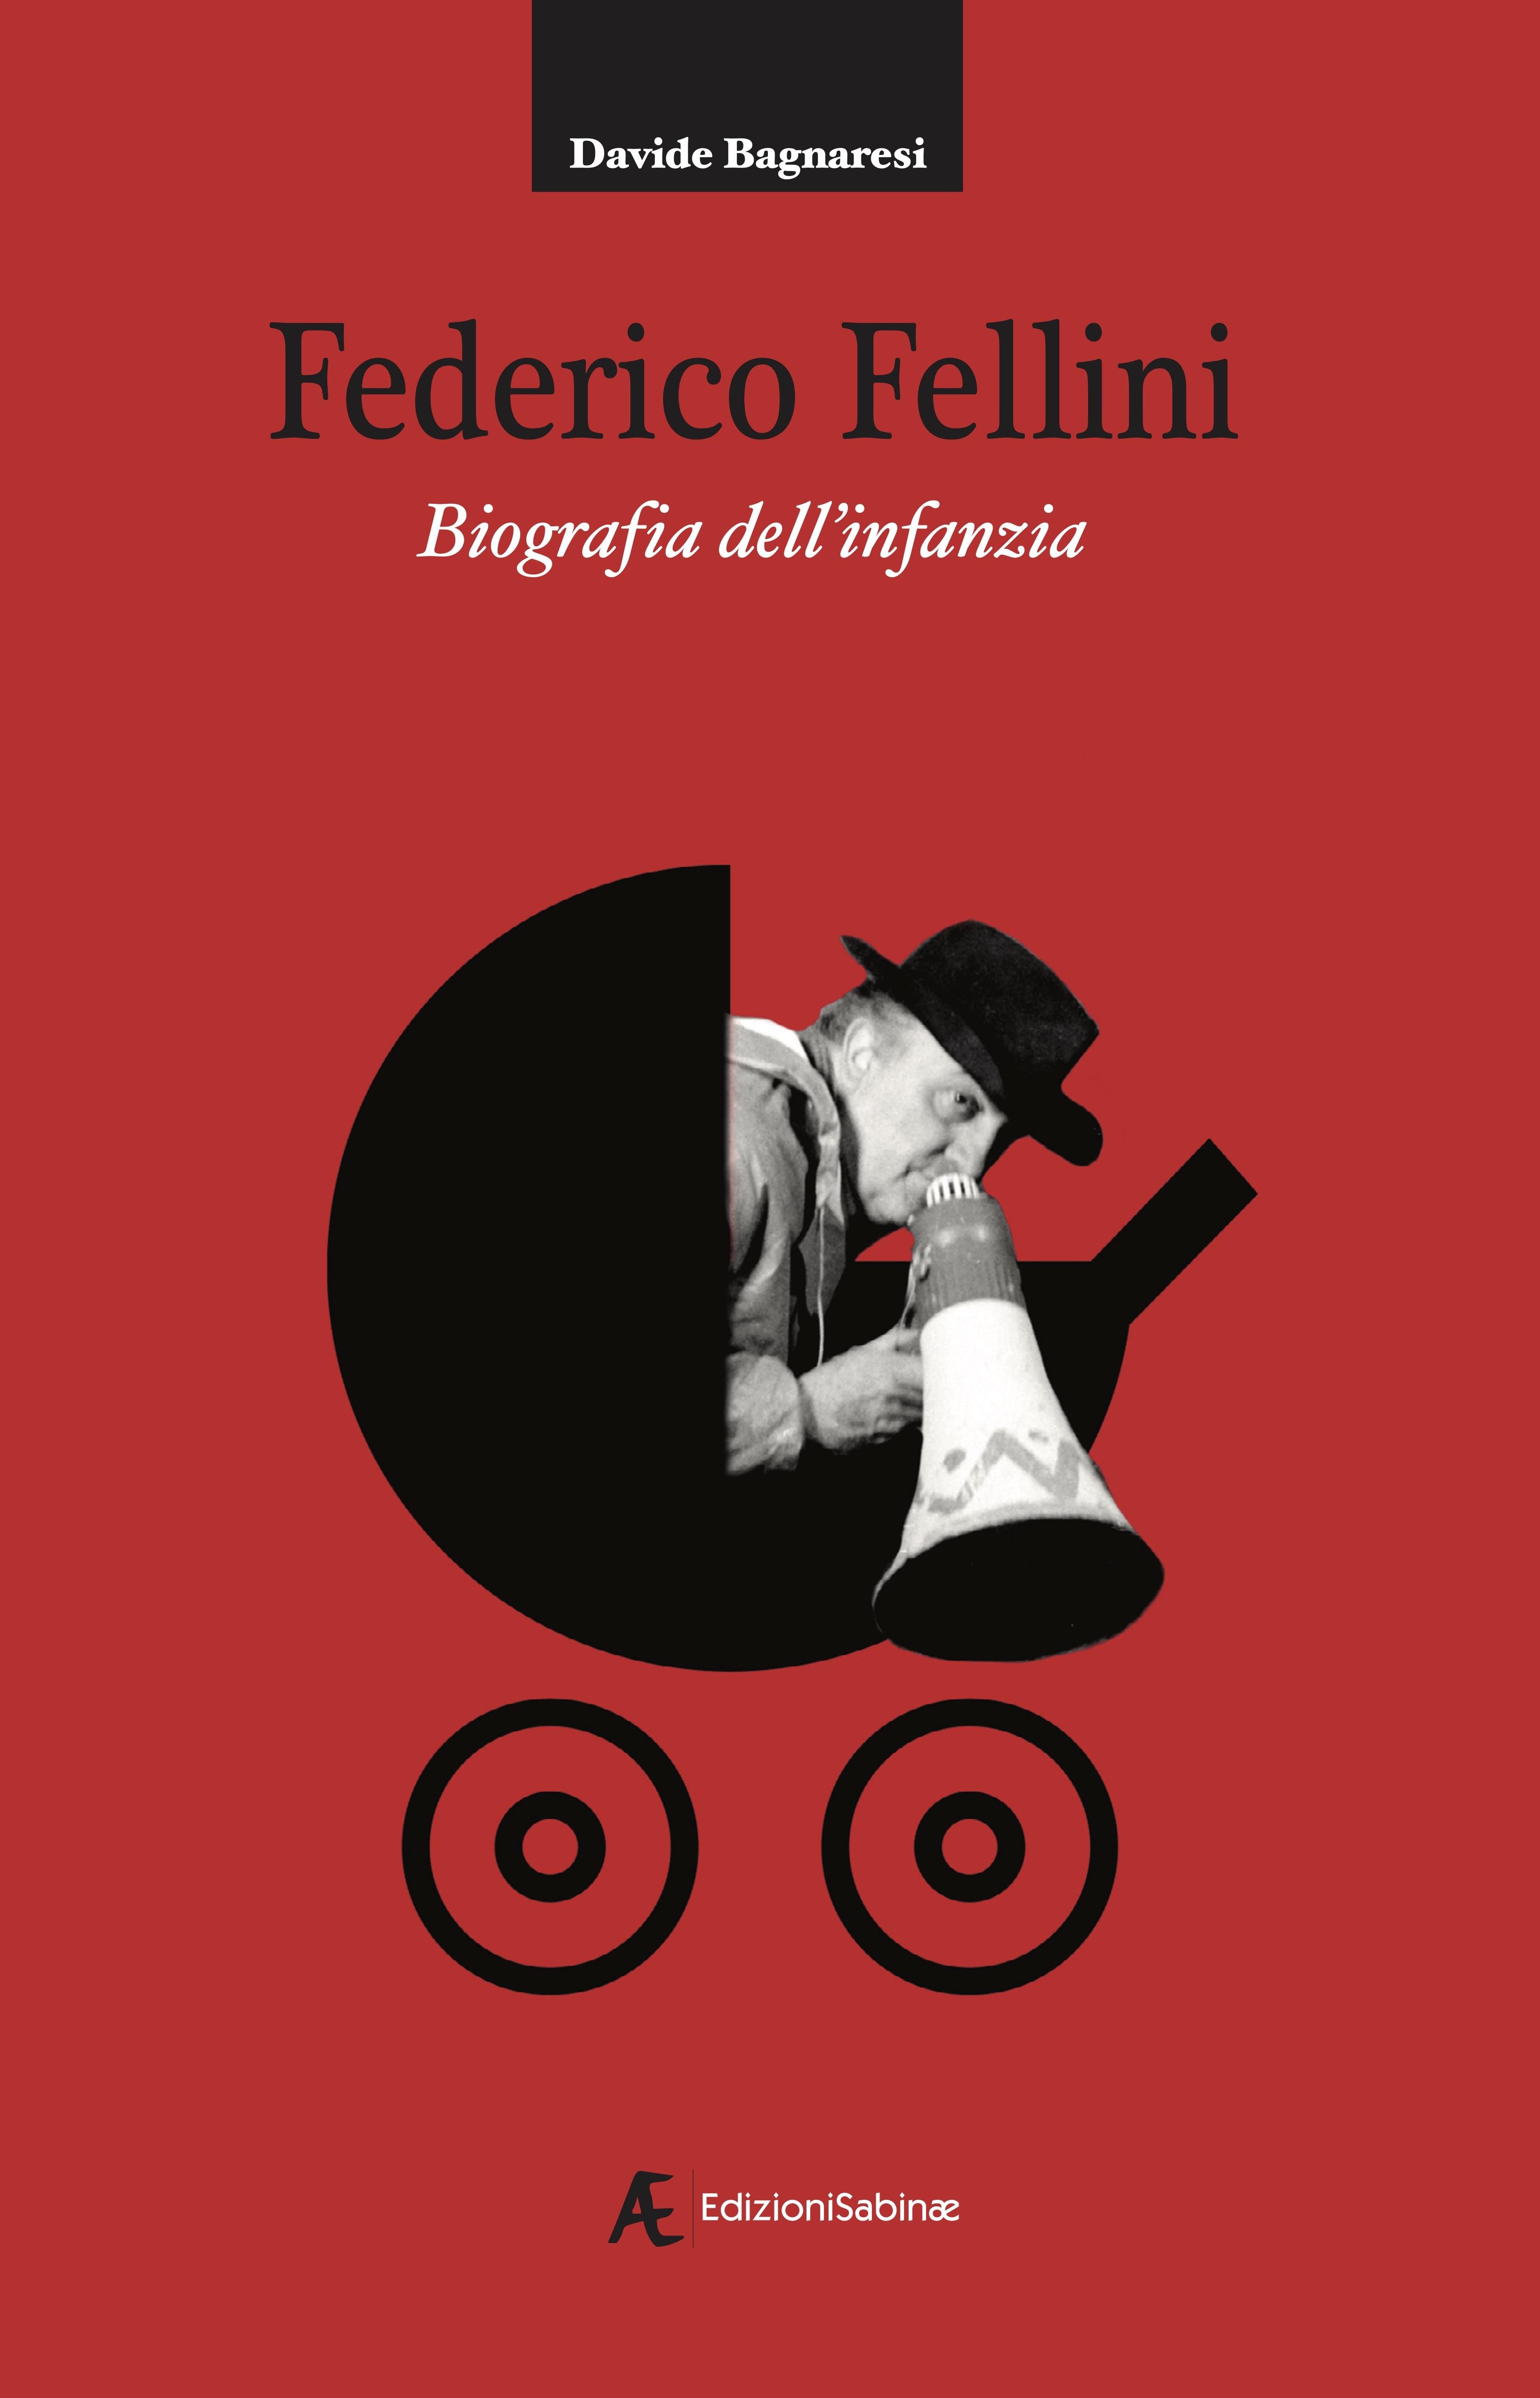 federico-fellini-biografia-dellinfanzia_davide-bagnaresi-2021